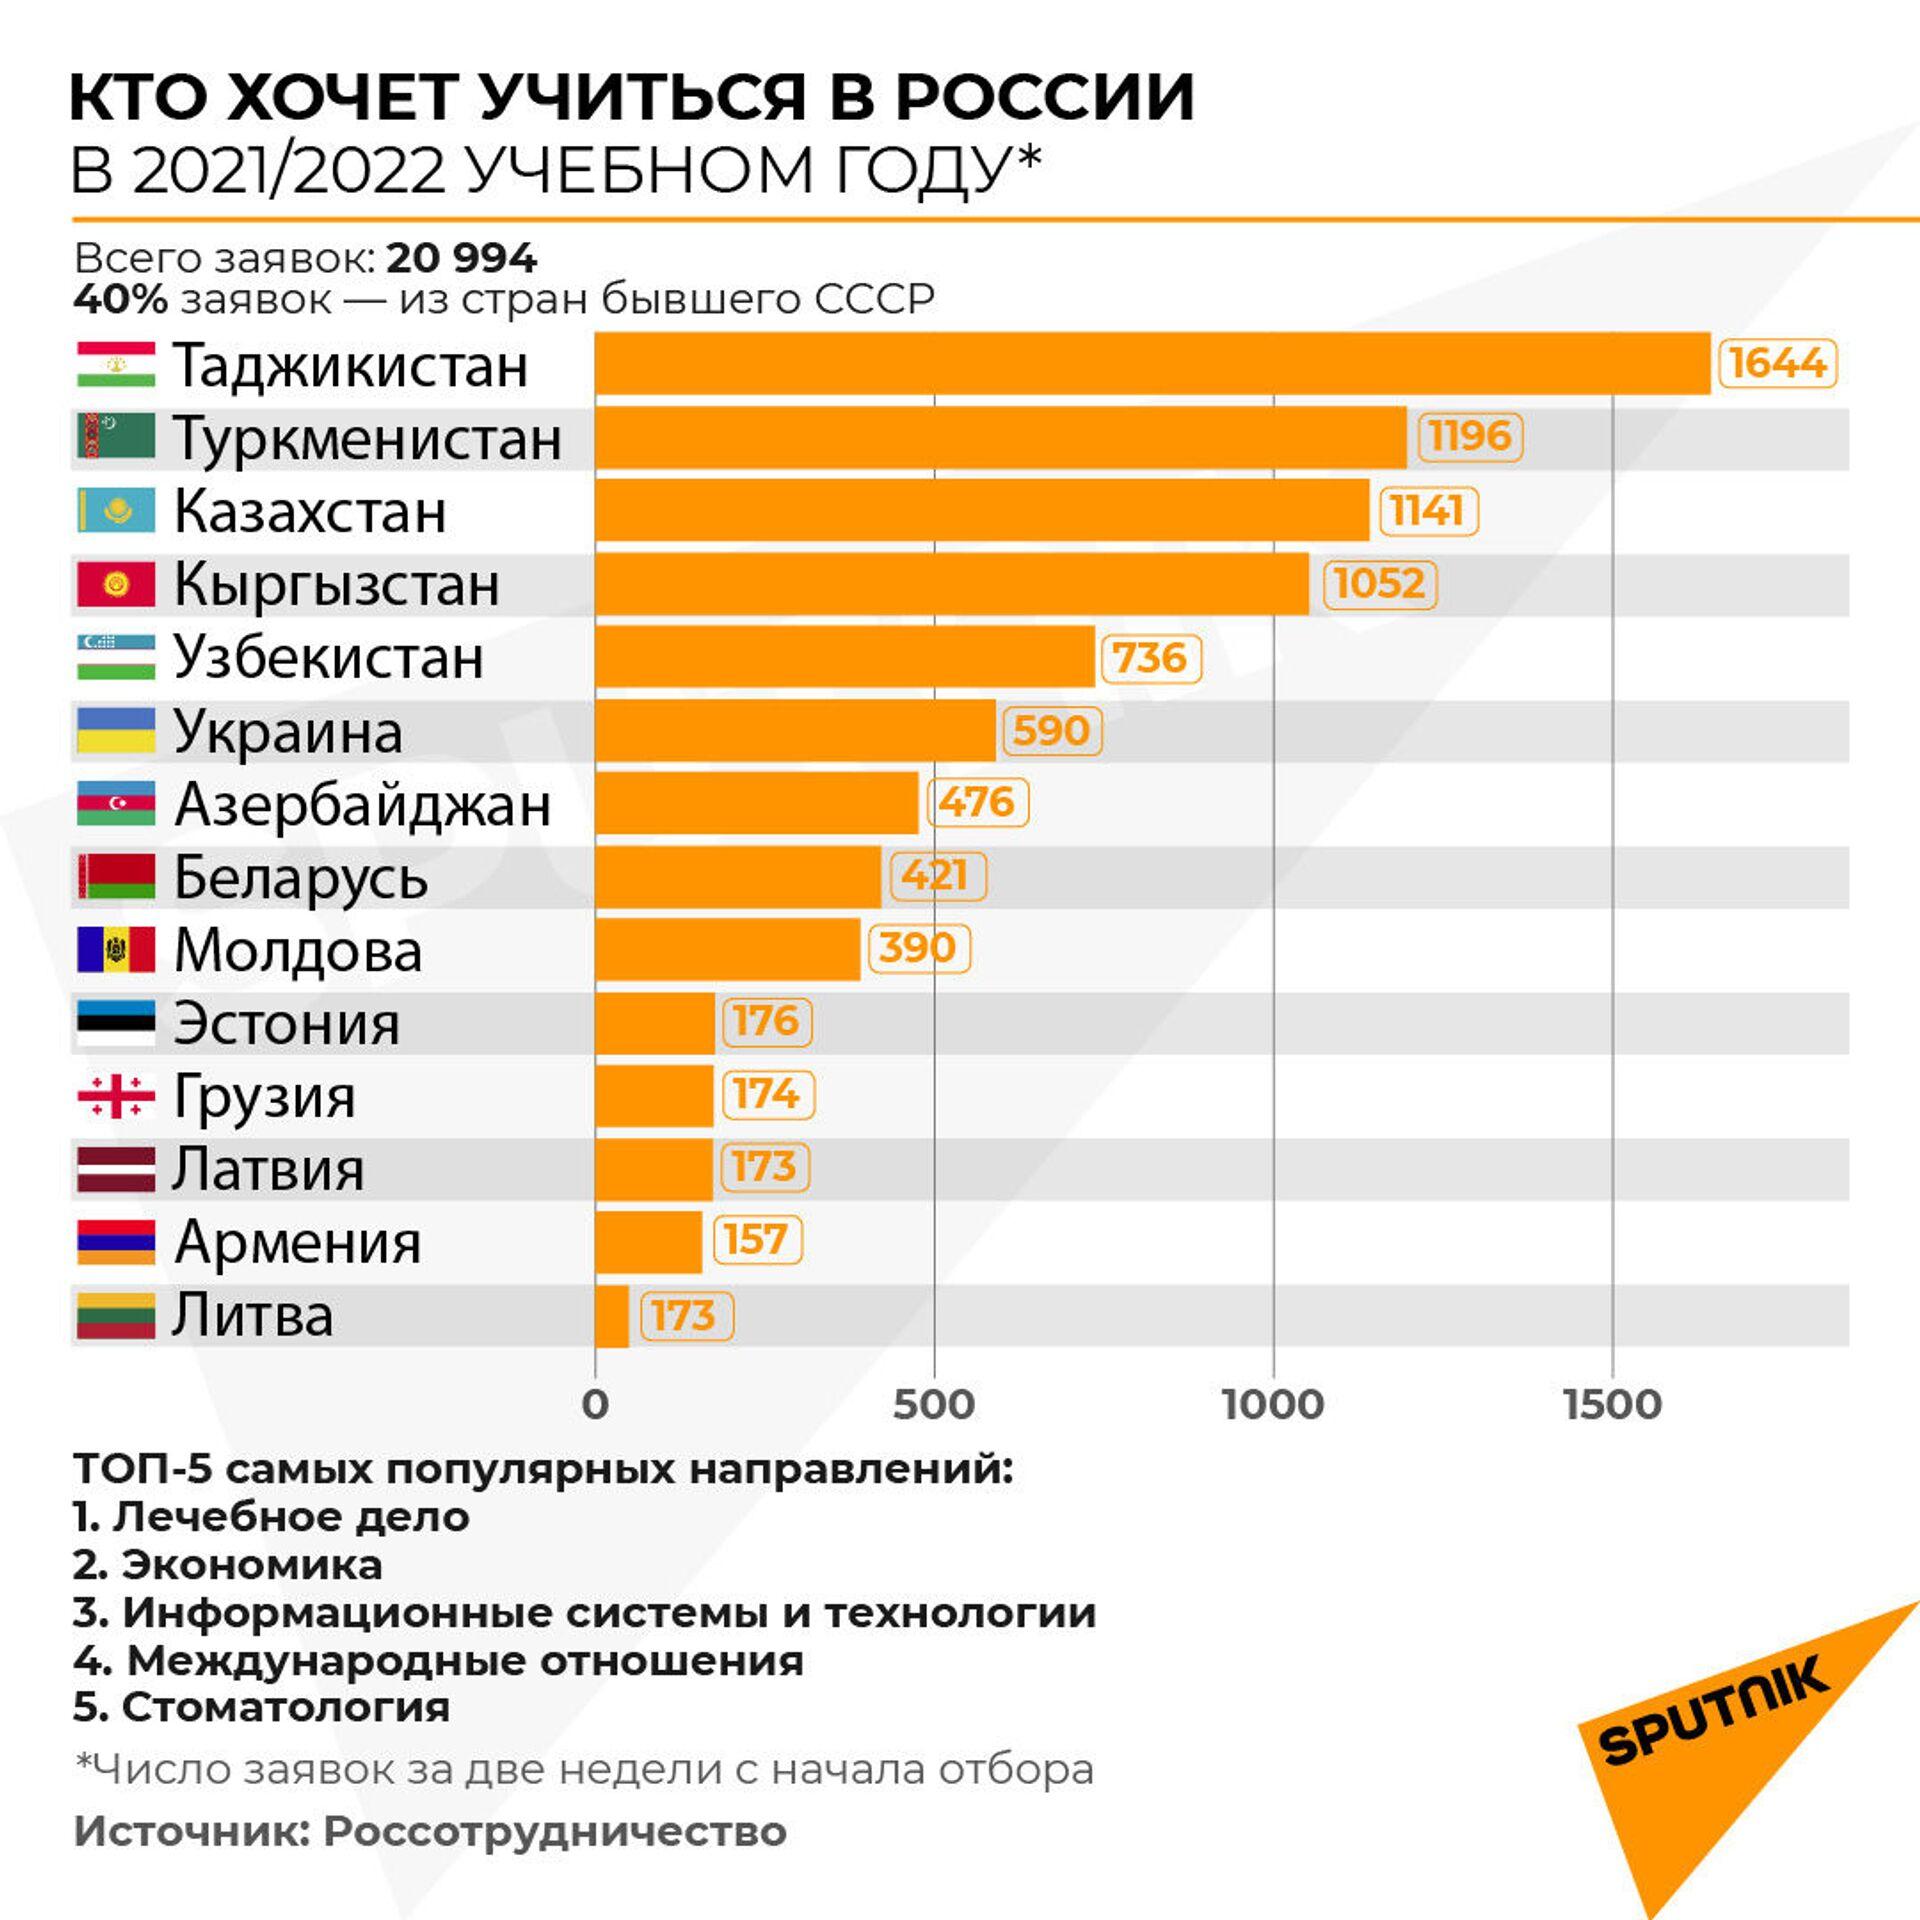 Поступить в вузы России стало в пять раз проще: что такое суперсервис для иностранцев? - Sputnik Азербайджан, 1920, 09.02.2021